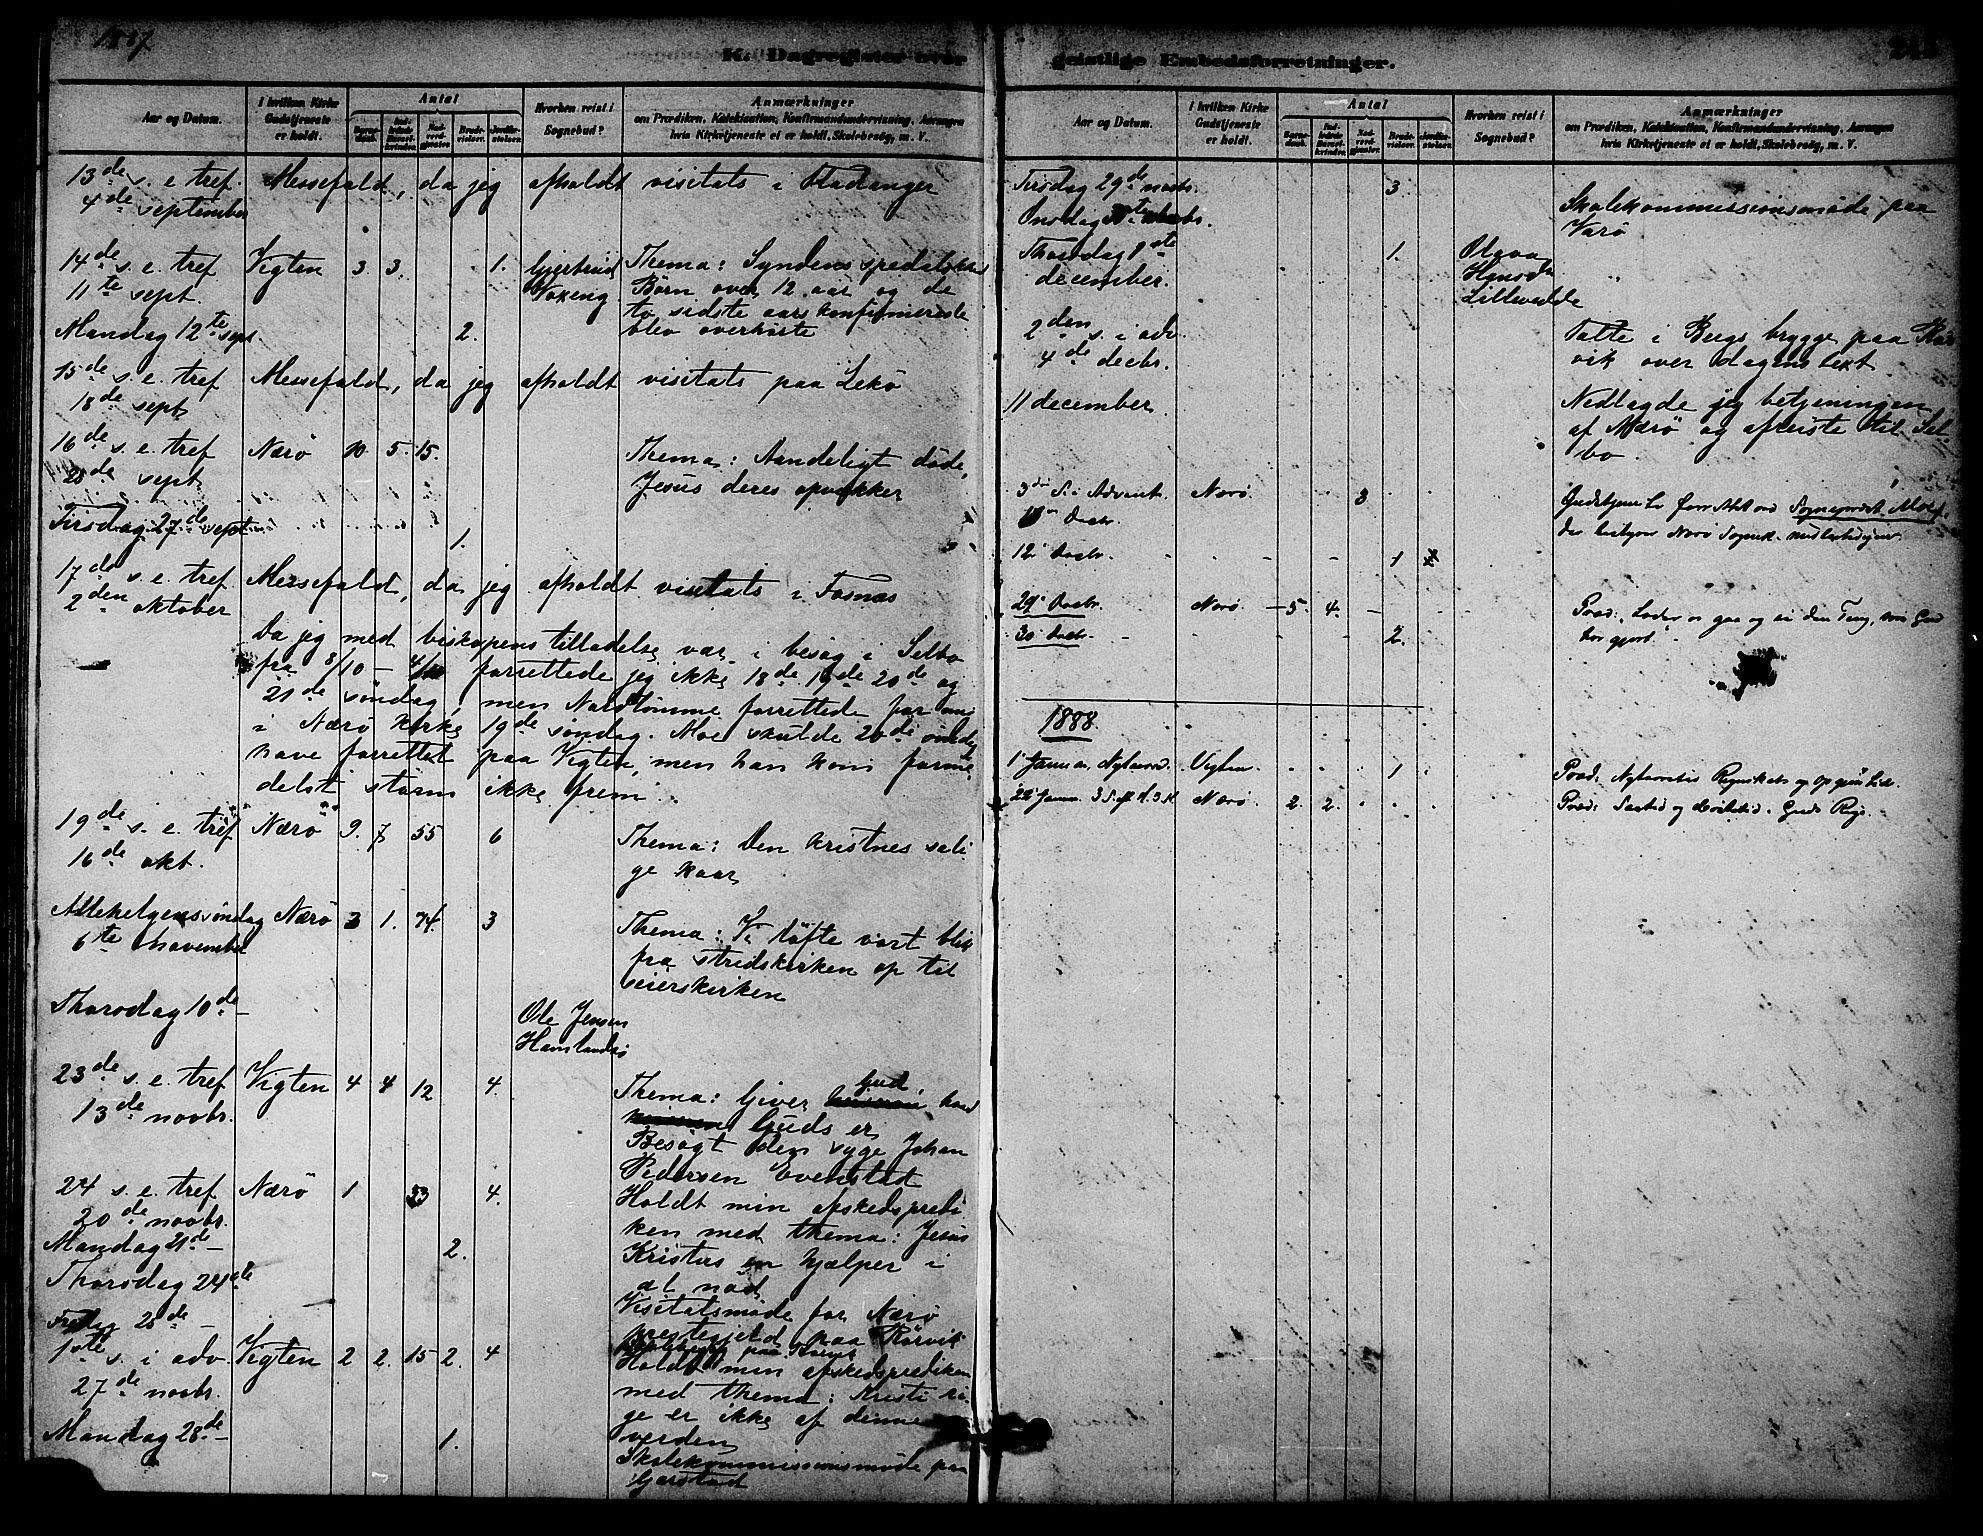 SAT, Ministerialprotokoller, klokkerbøker og fødselsregistre - Nord-Trøndelag, 784/L0672: Ministerialbok nr. 784A07, 1880-1887, s. 245